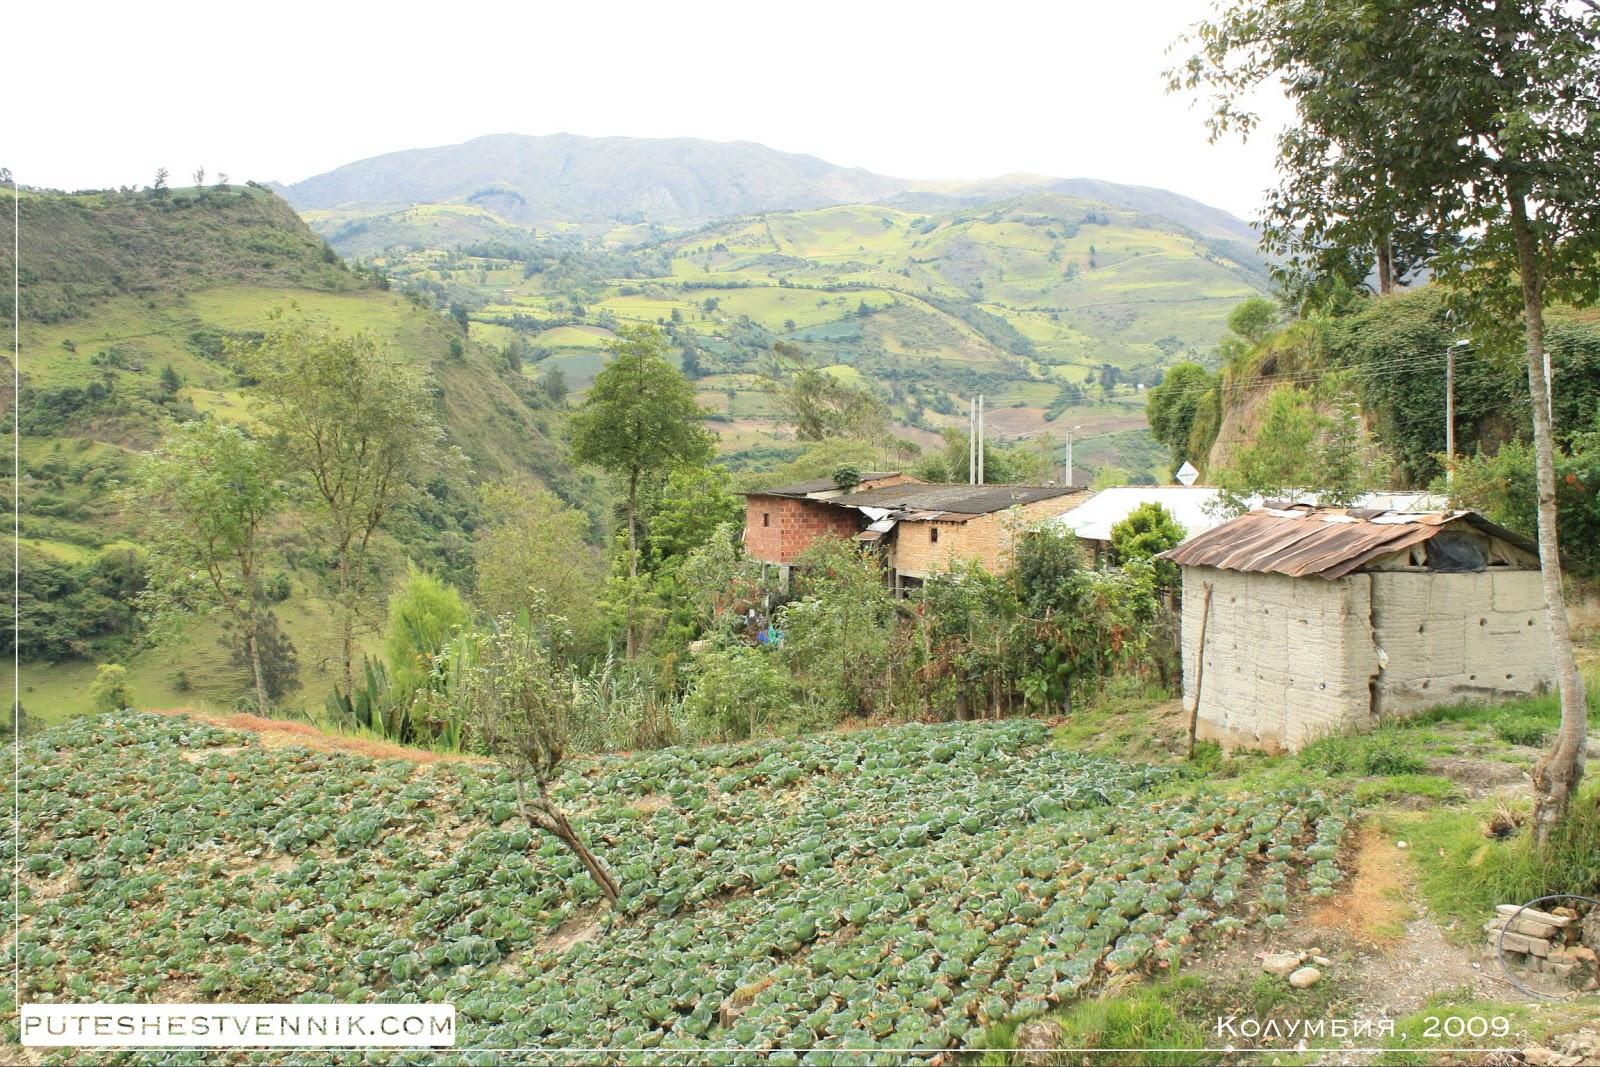 Огород с капустой в Колумбии